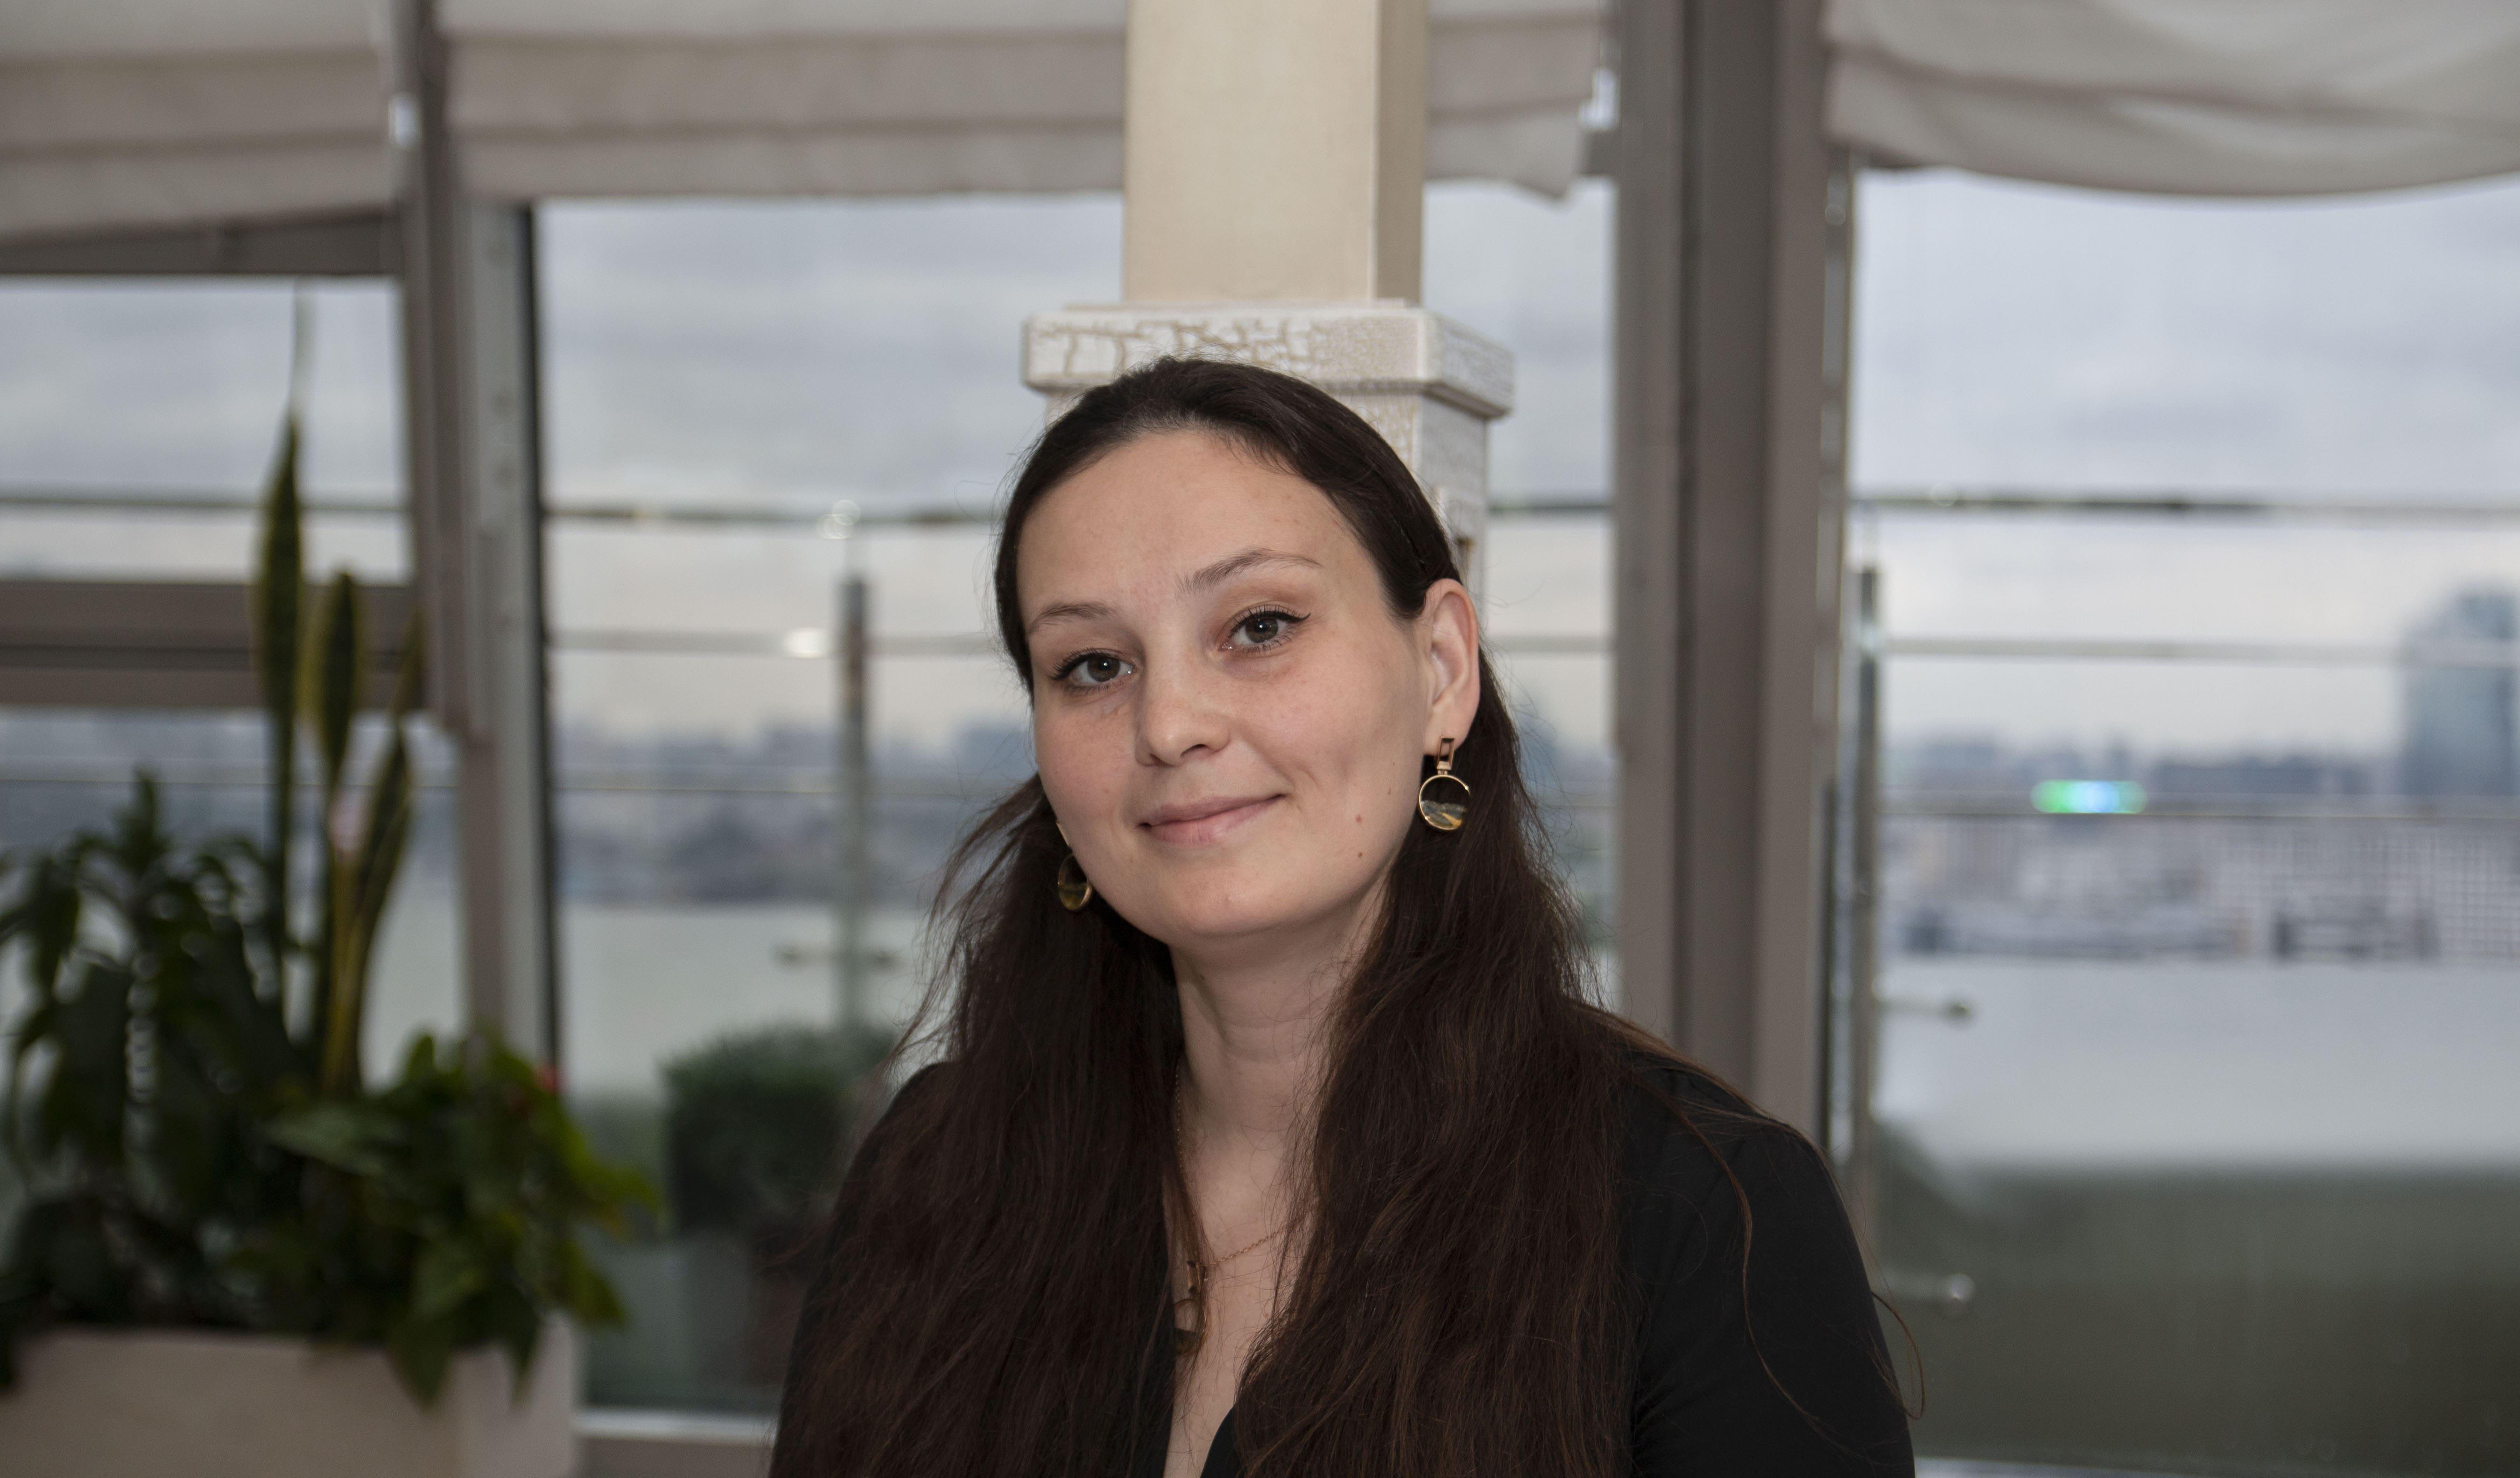 Заседание, посвященное старту конкурса грантовых проектов: эксперт конкурса Наталия Махно